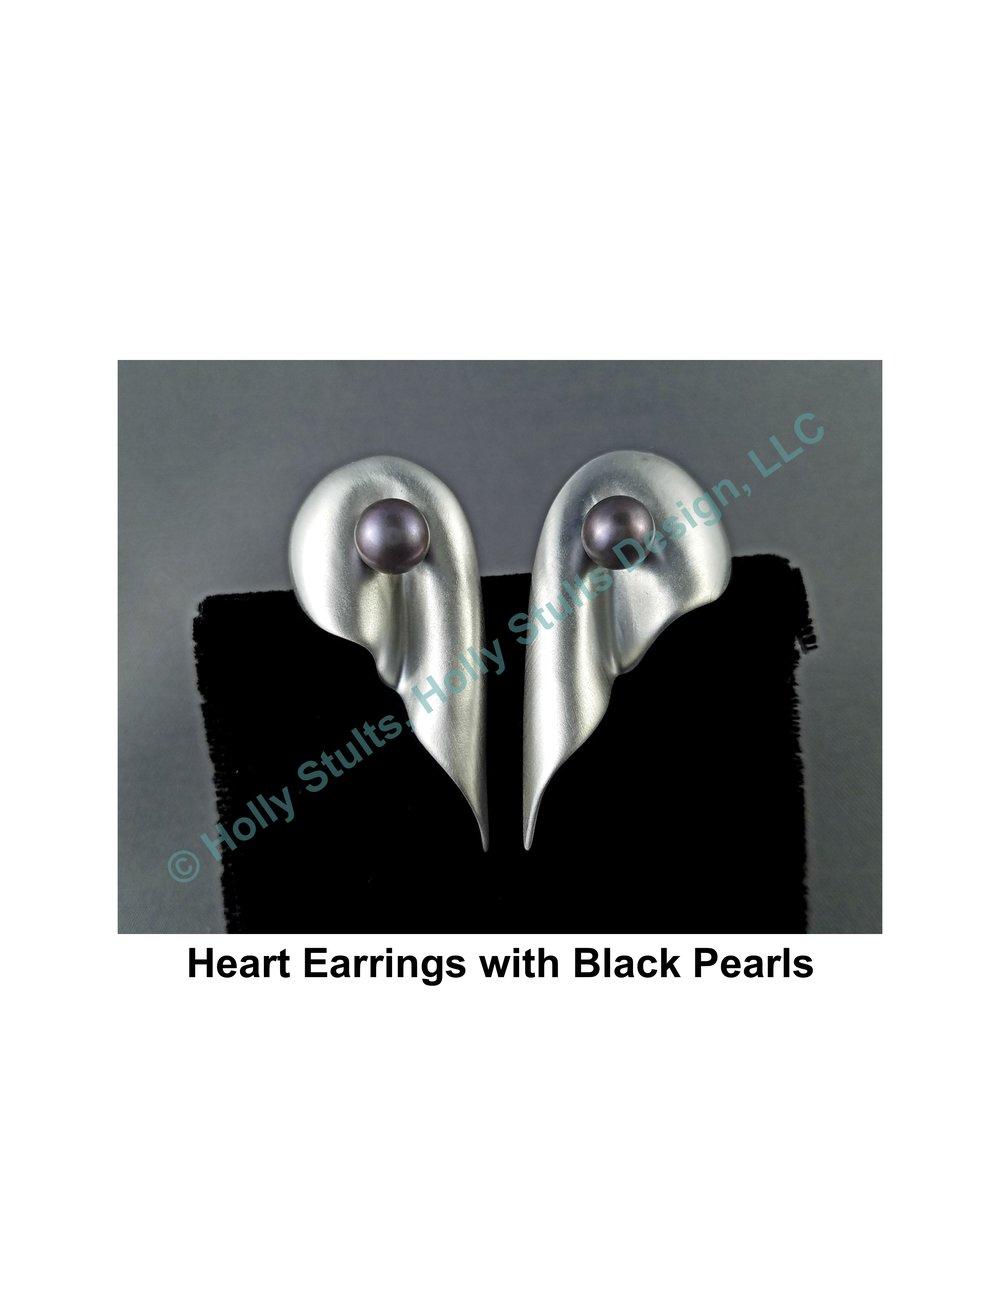 Heart Earrings with Black Pearls.jpg